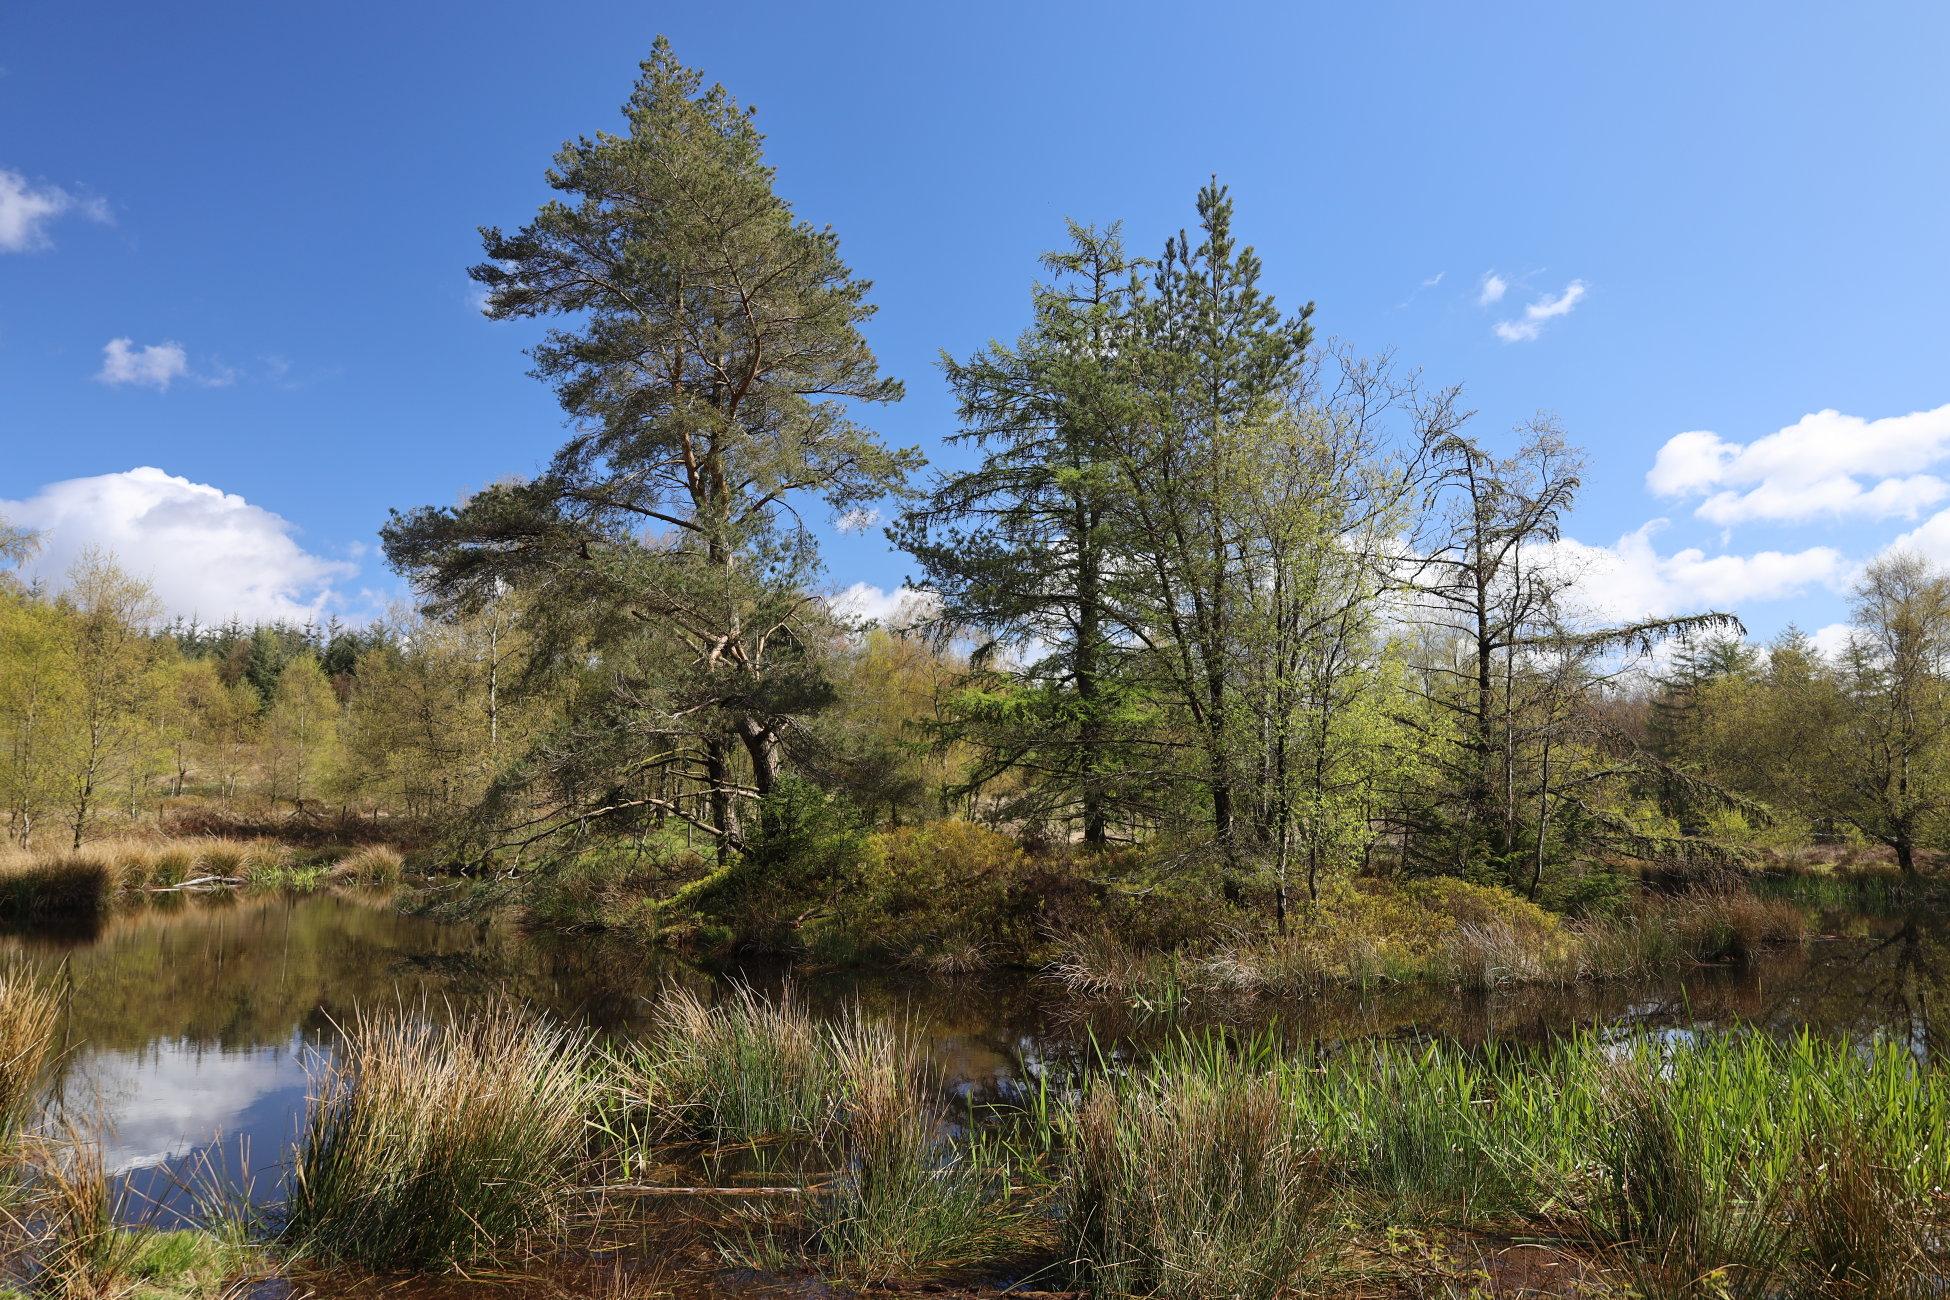 Tarn & trees